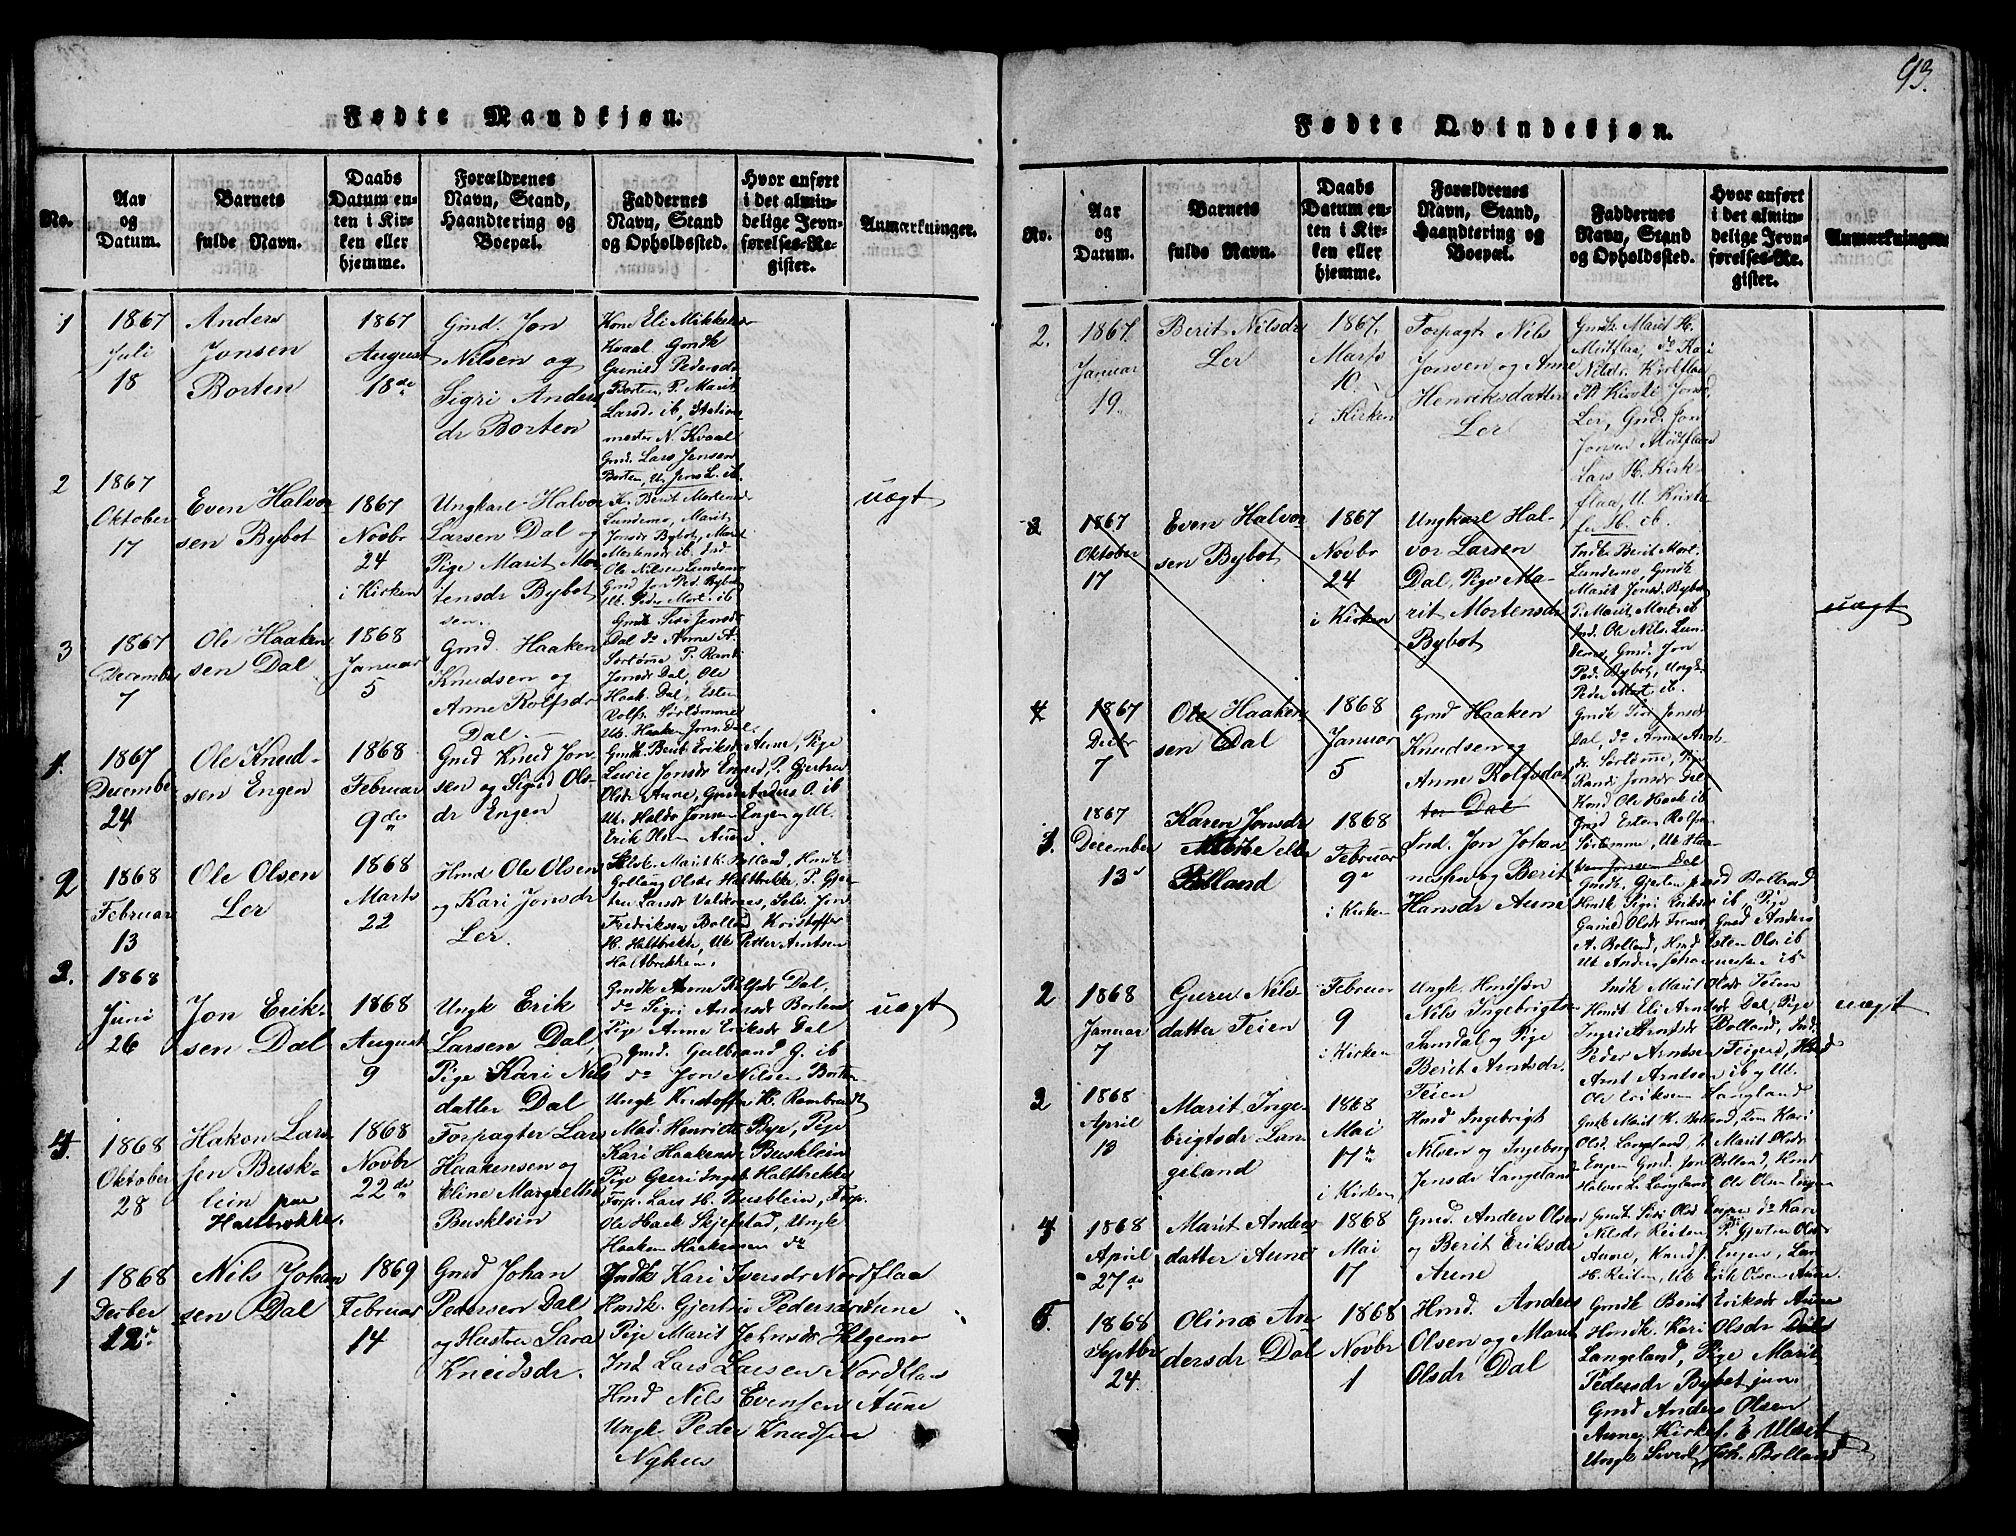 SAT, Ministerialprotokoller, klokkerbøker og fødselsregistre - Sør-Trøndelag, 693/L1121: Klokkerbok nr. 693C02, 1816-1869, s. 93